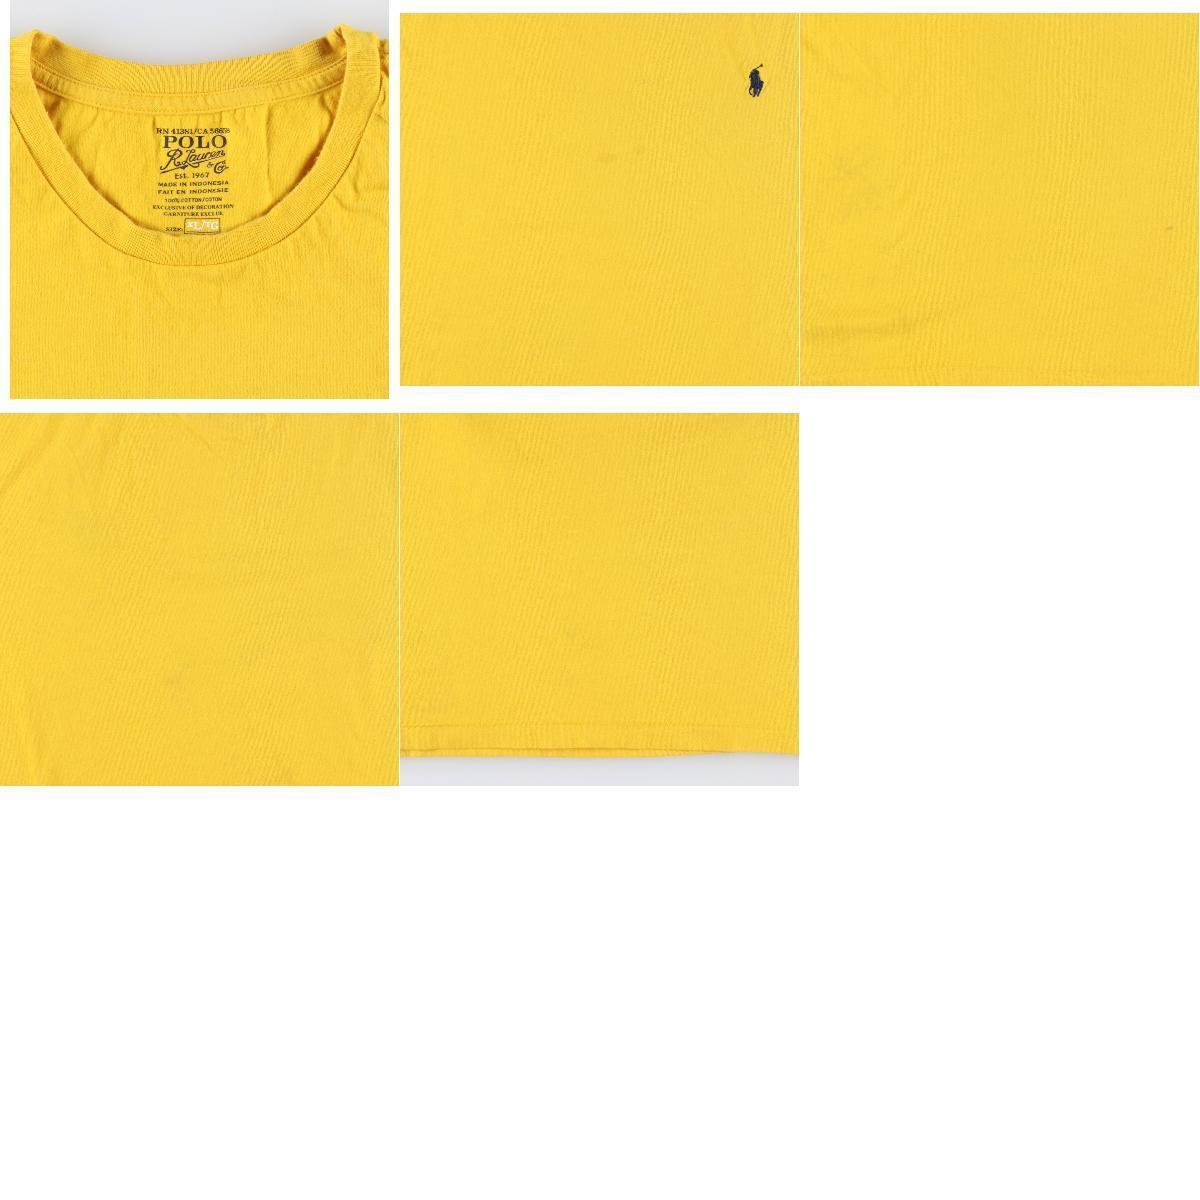 ラルフローレン Ralph Lauren POLO RALPH LAUREN 半袖 ワンポイントロゴTシャツ メンズXL /eaa159740_画像3